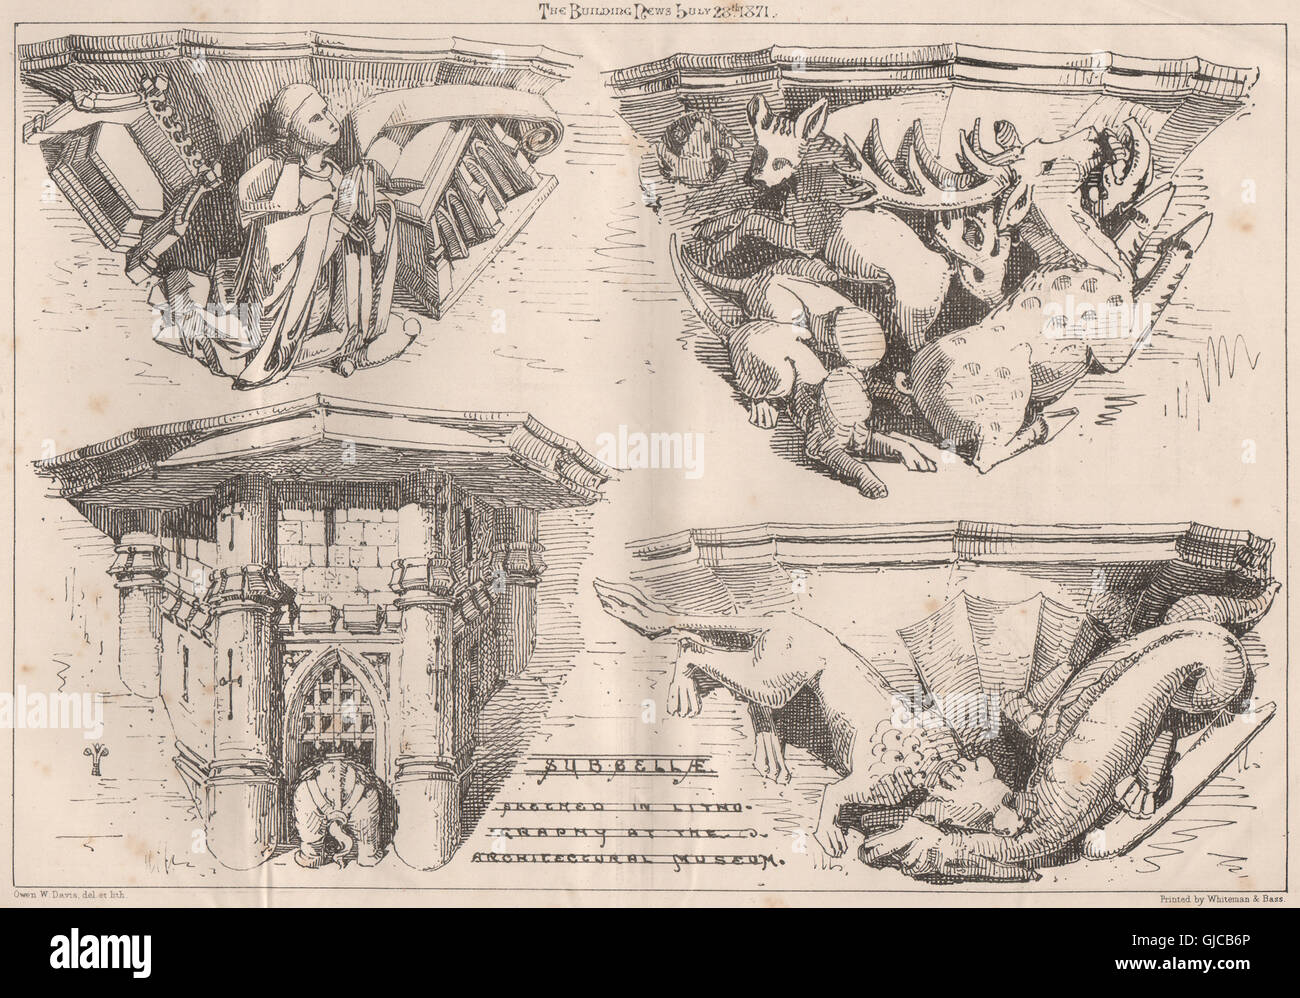 Subsellae; arcuato in litografia presso il Museo di Architettura. Progettazione, 1871 Immagini Stock